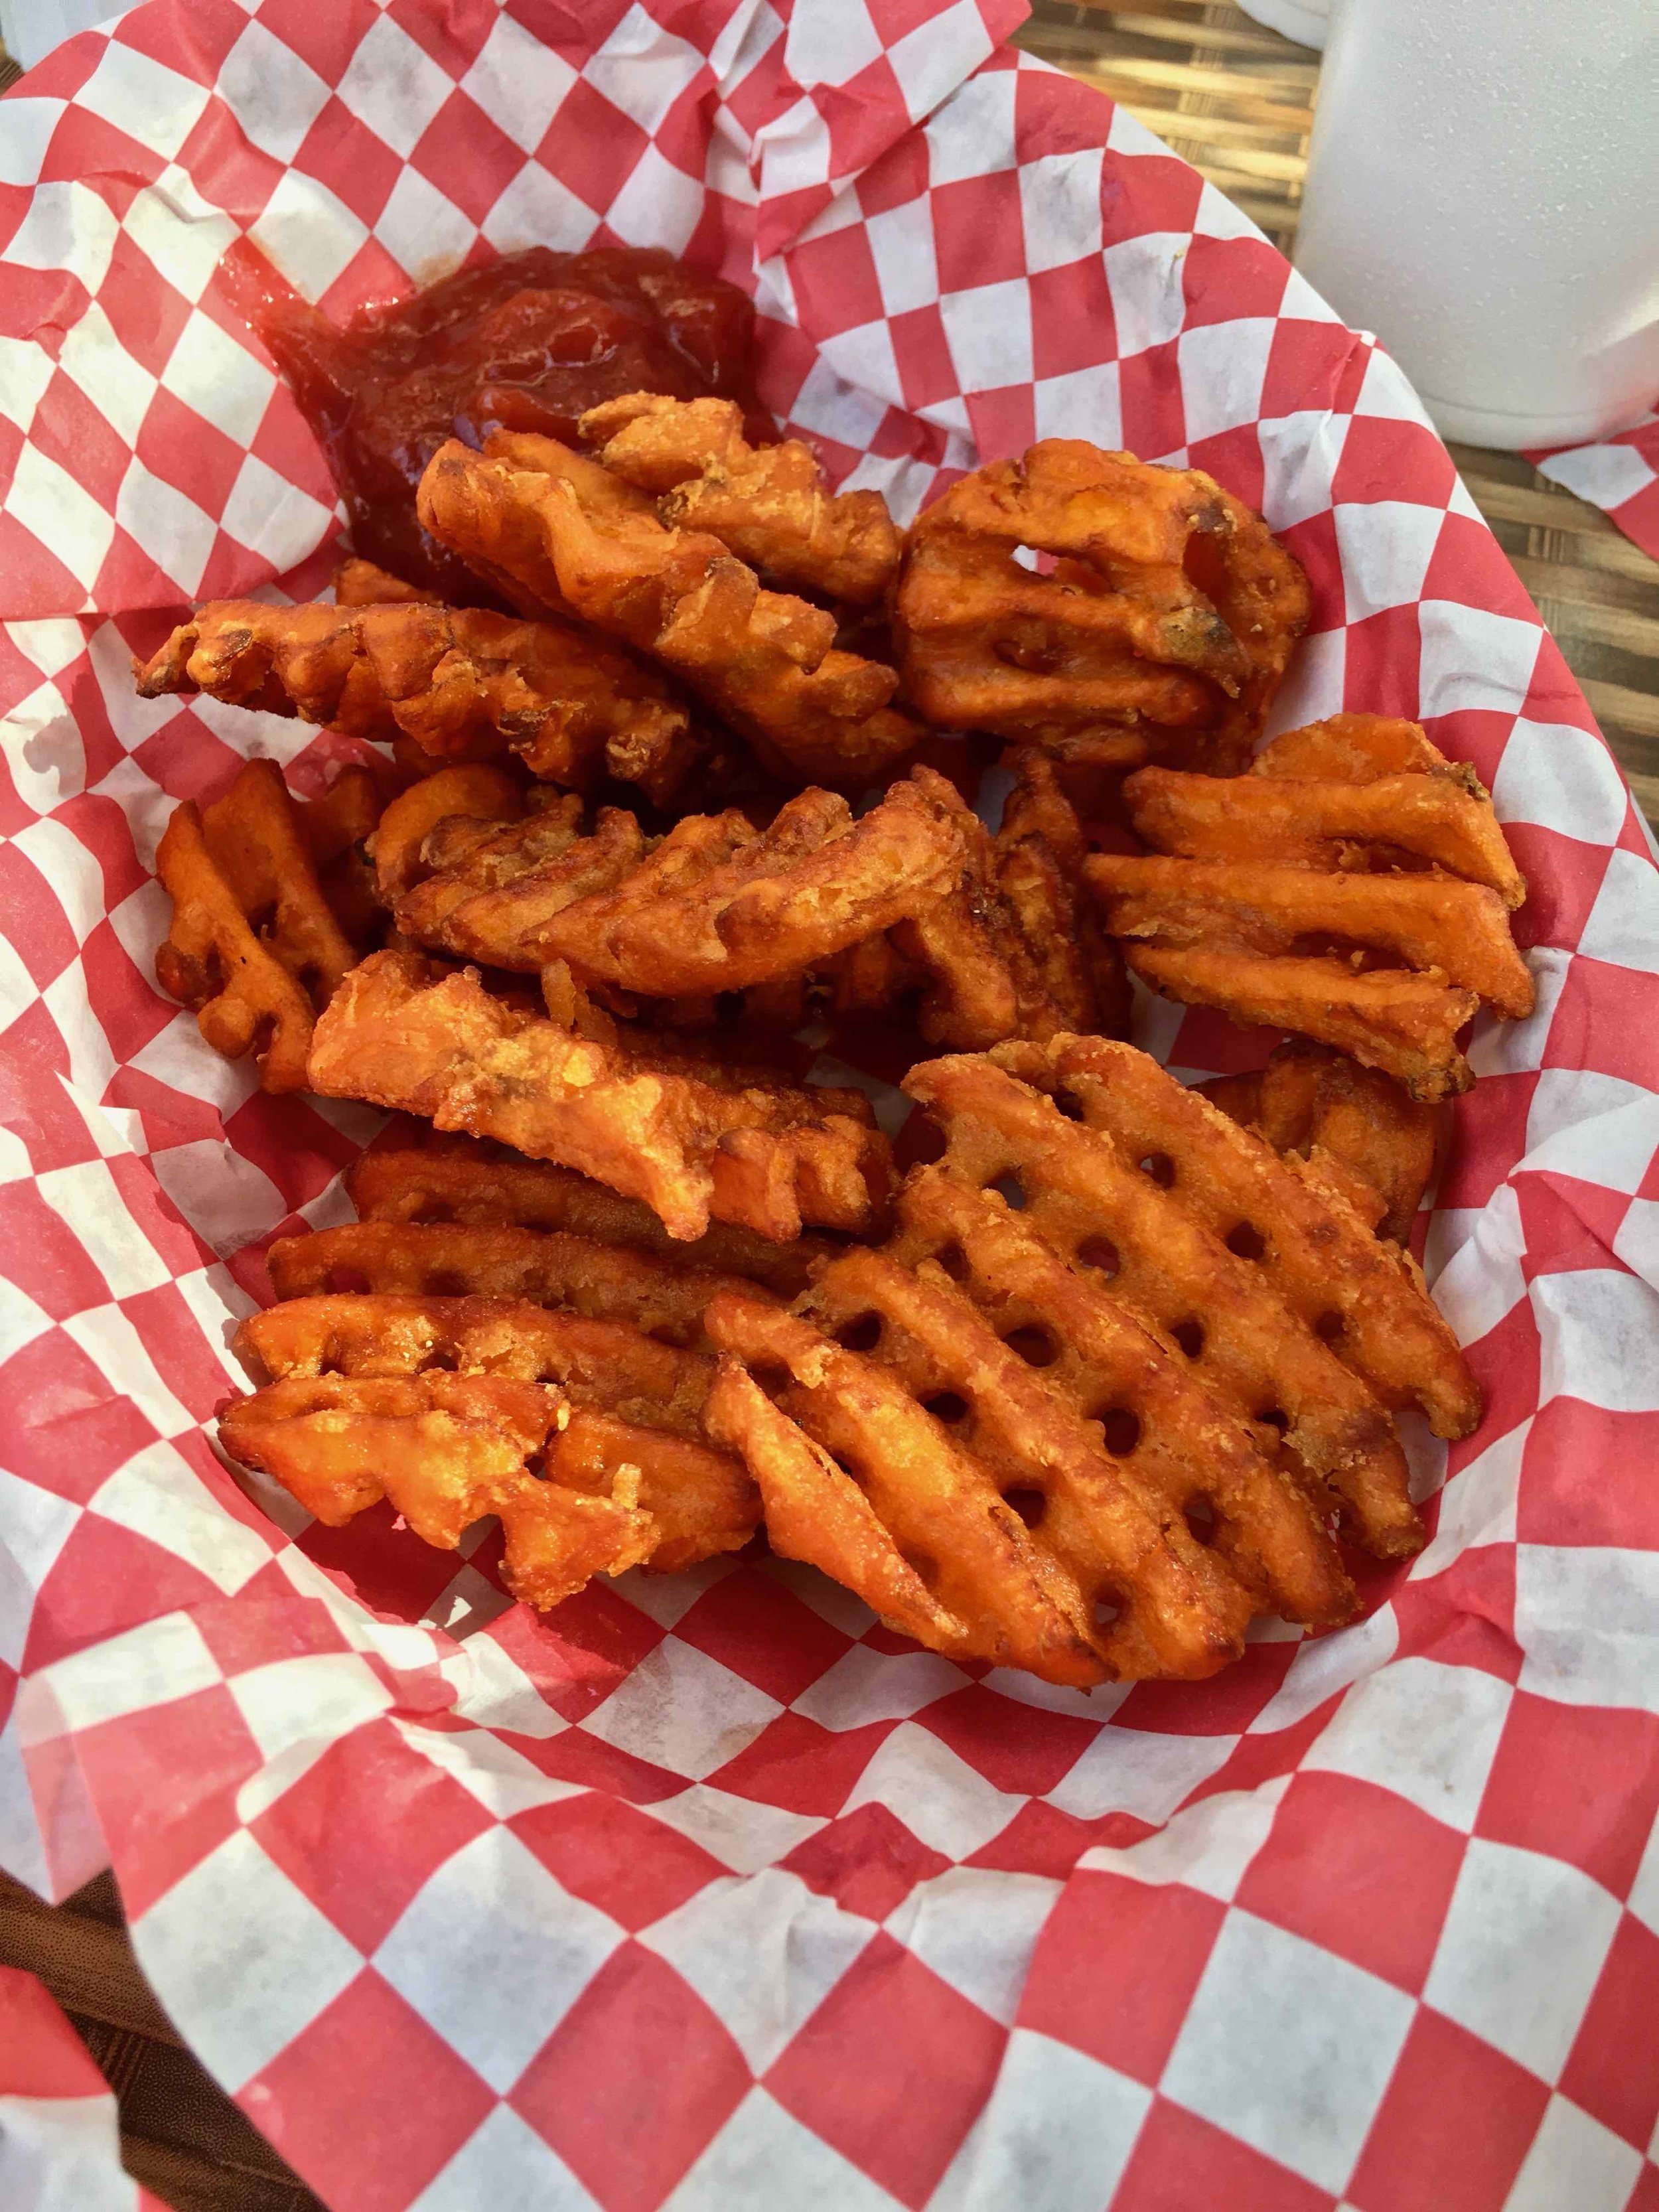 sweet potato waffle fries $3.00